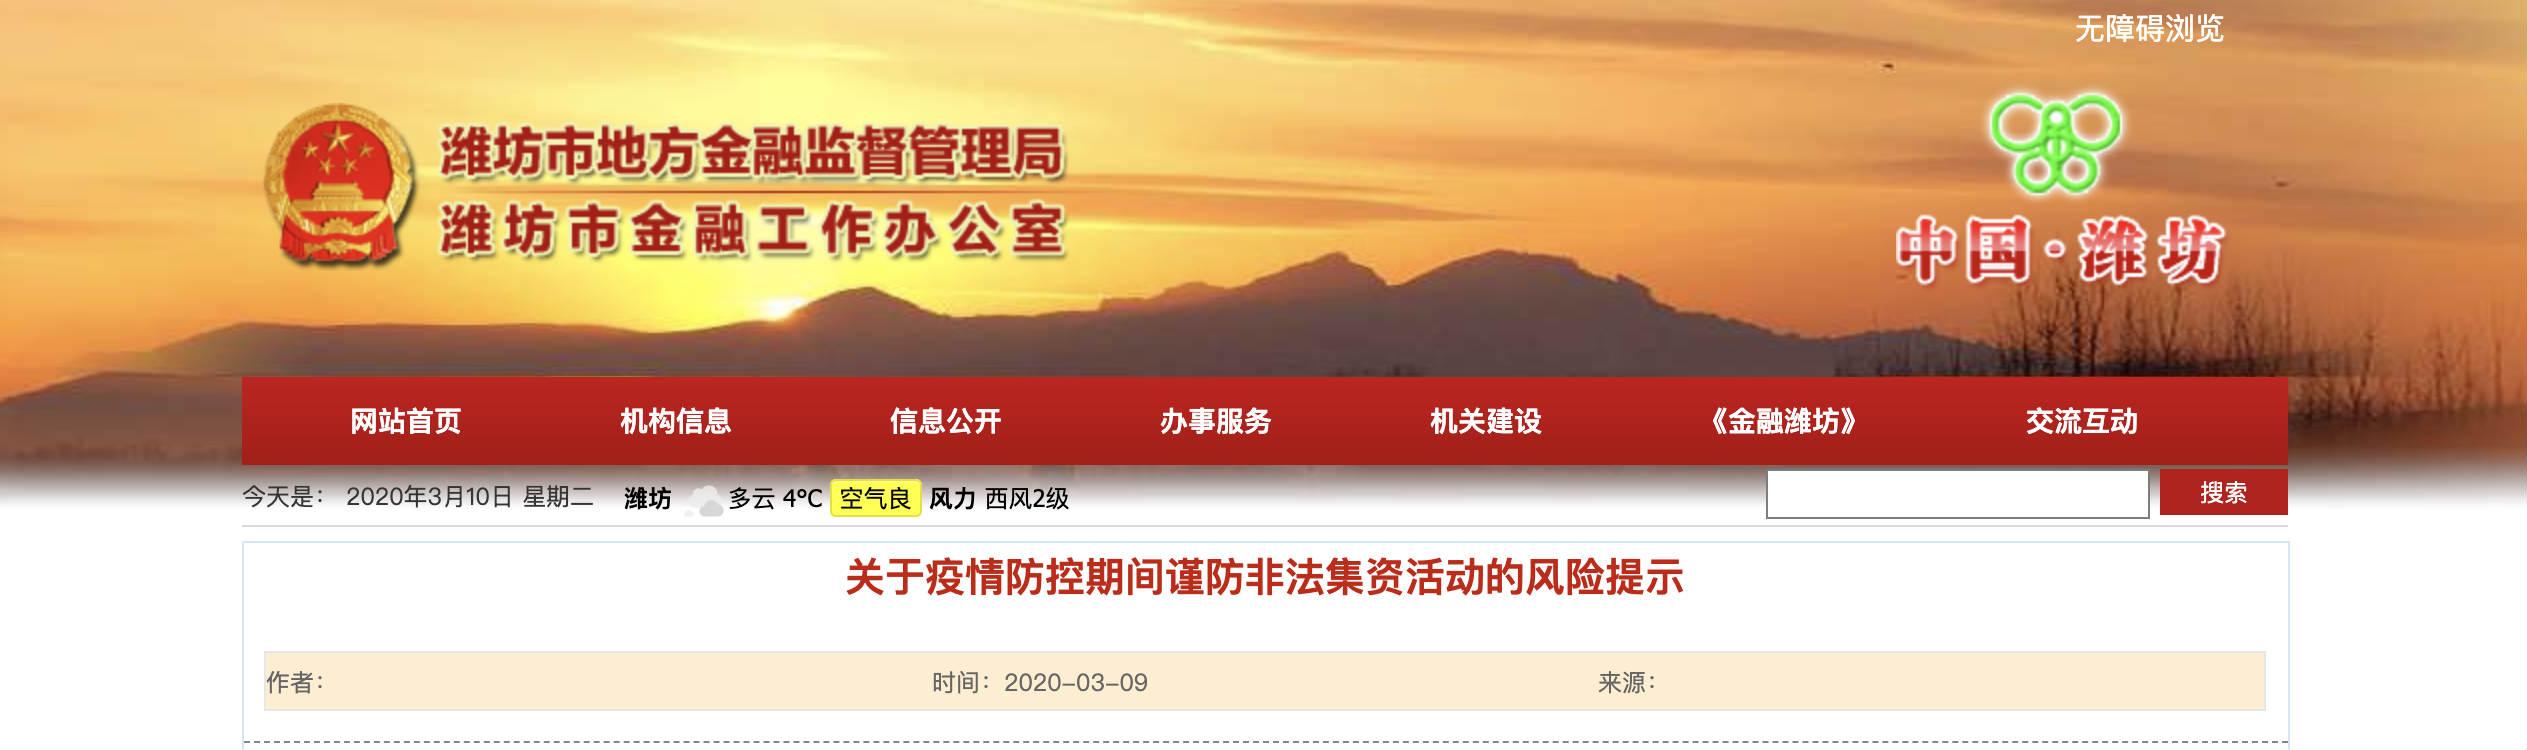 潍坊:潍坊紧急发布疫情防控期间谨防非法集资活动风险提示